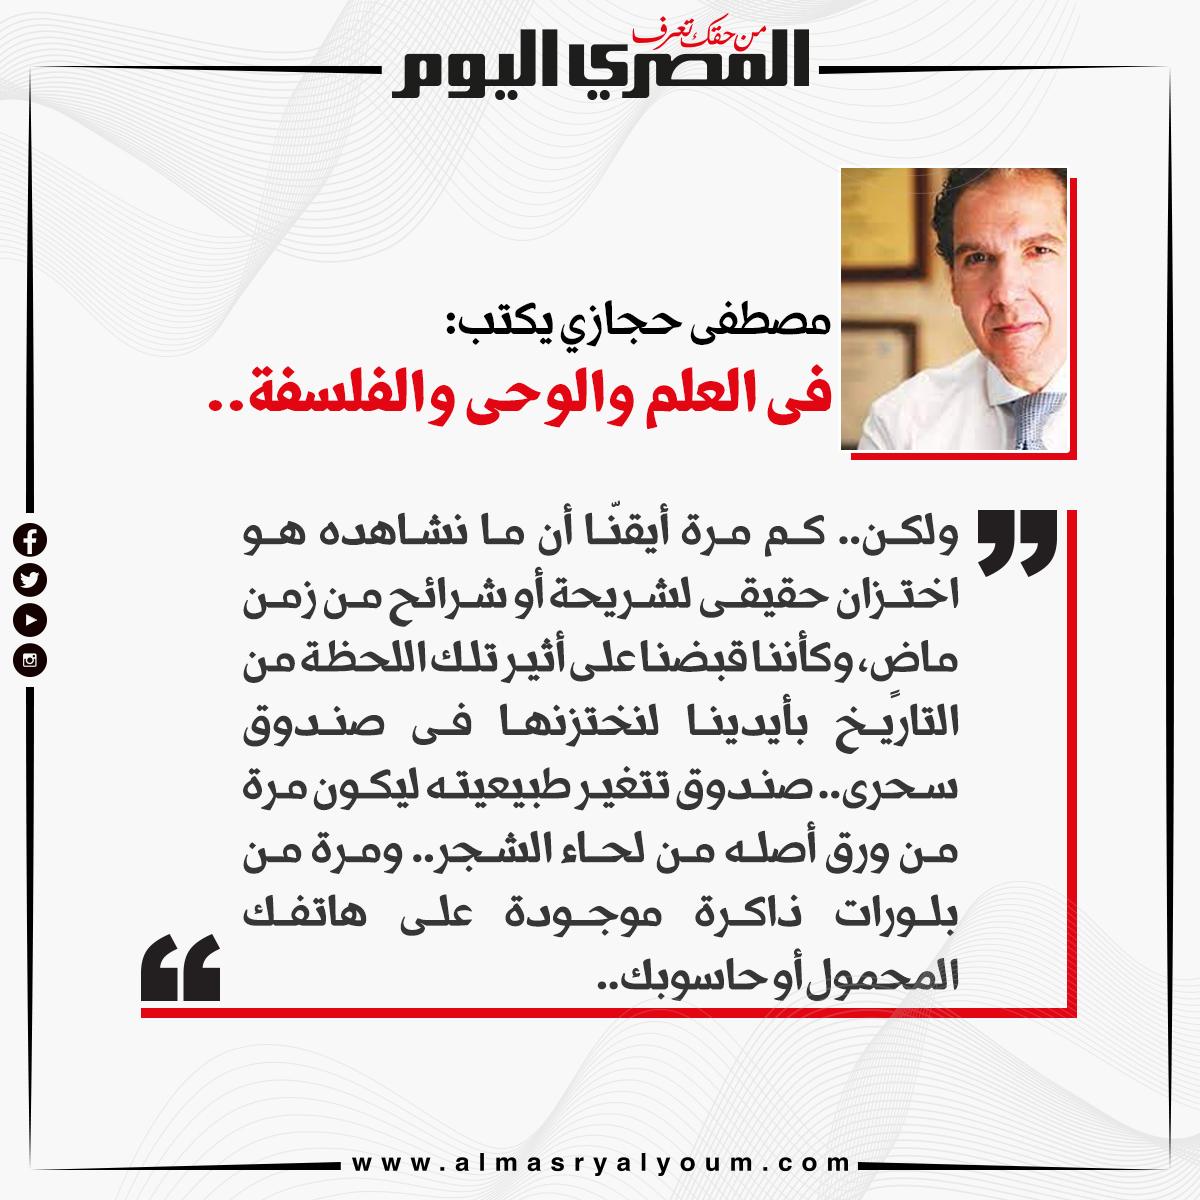 مصطفى حجازي يكتب فى العلم والوحى والفلسفة..